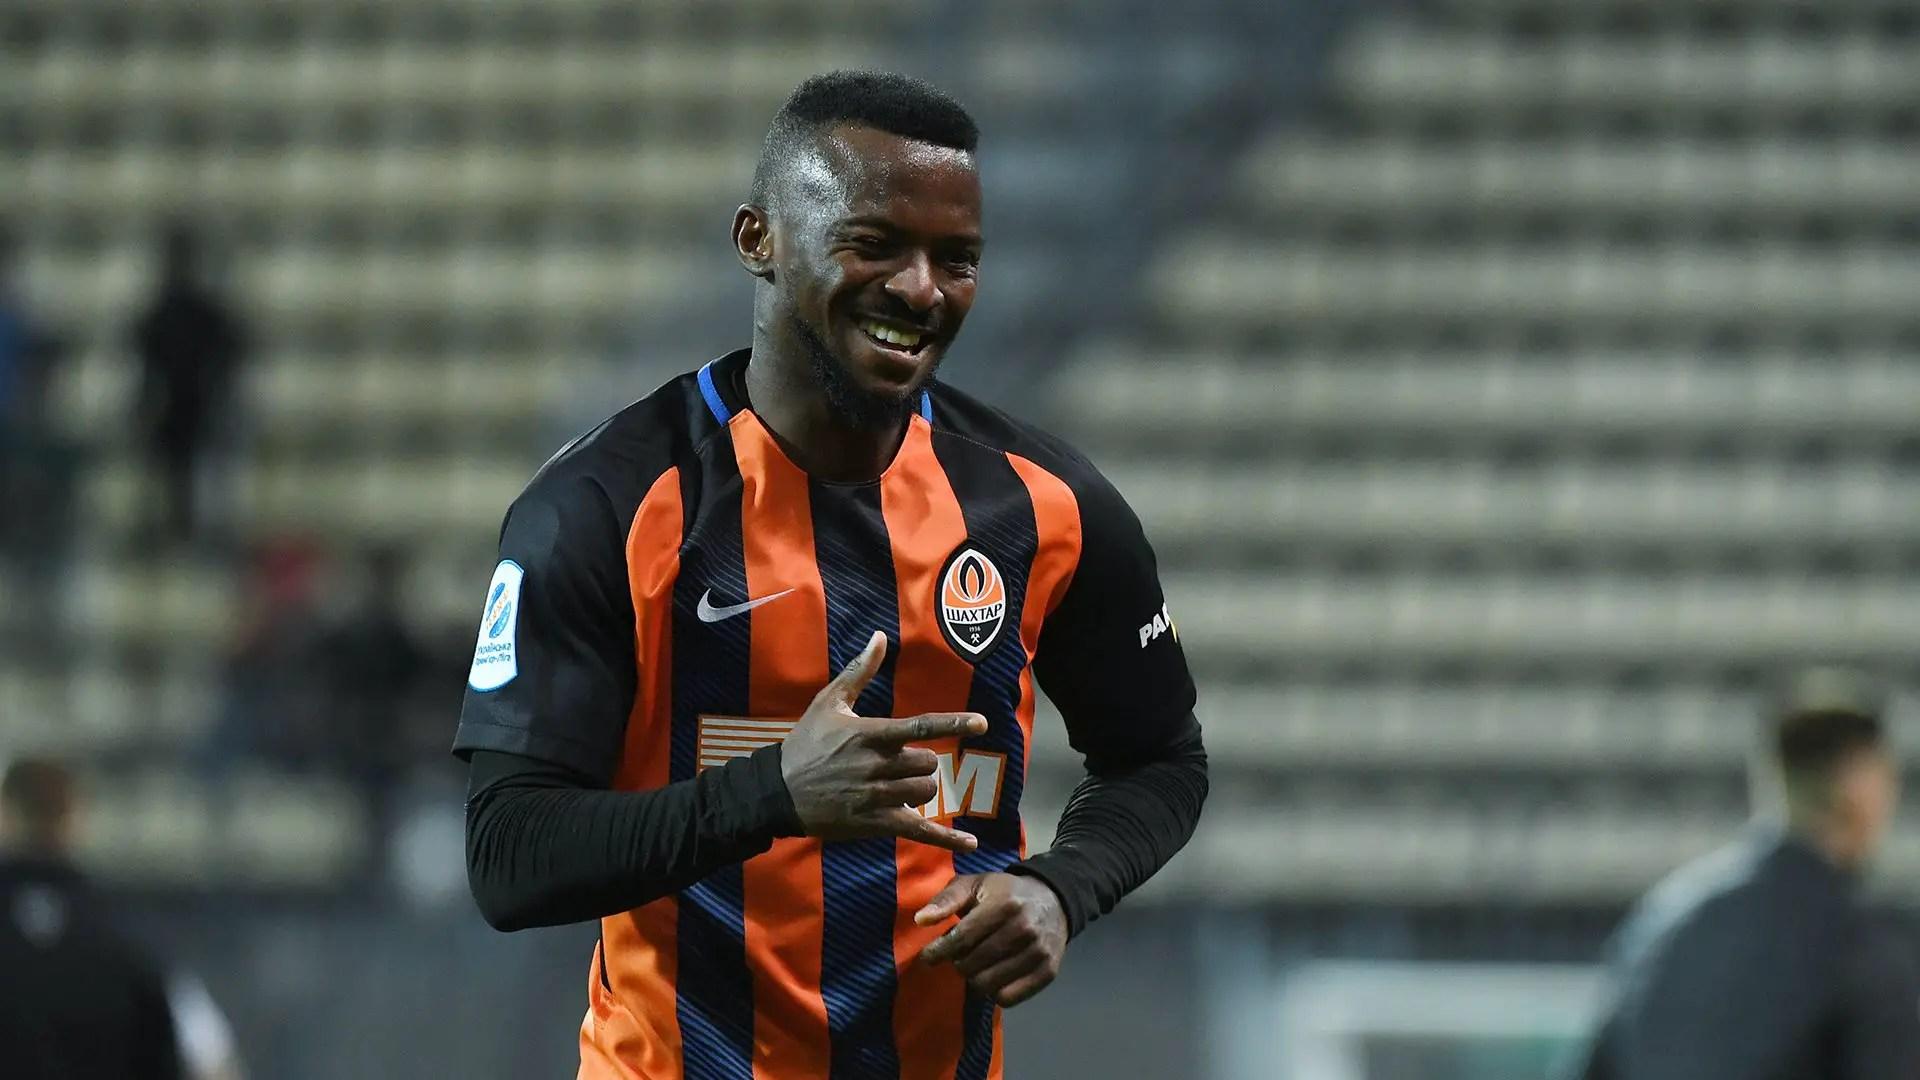 Kayode Eyes Ukrainian Cup Title With Shakhtar Donetsk